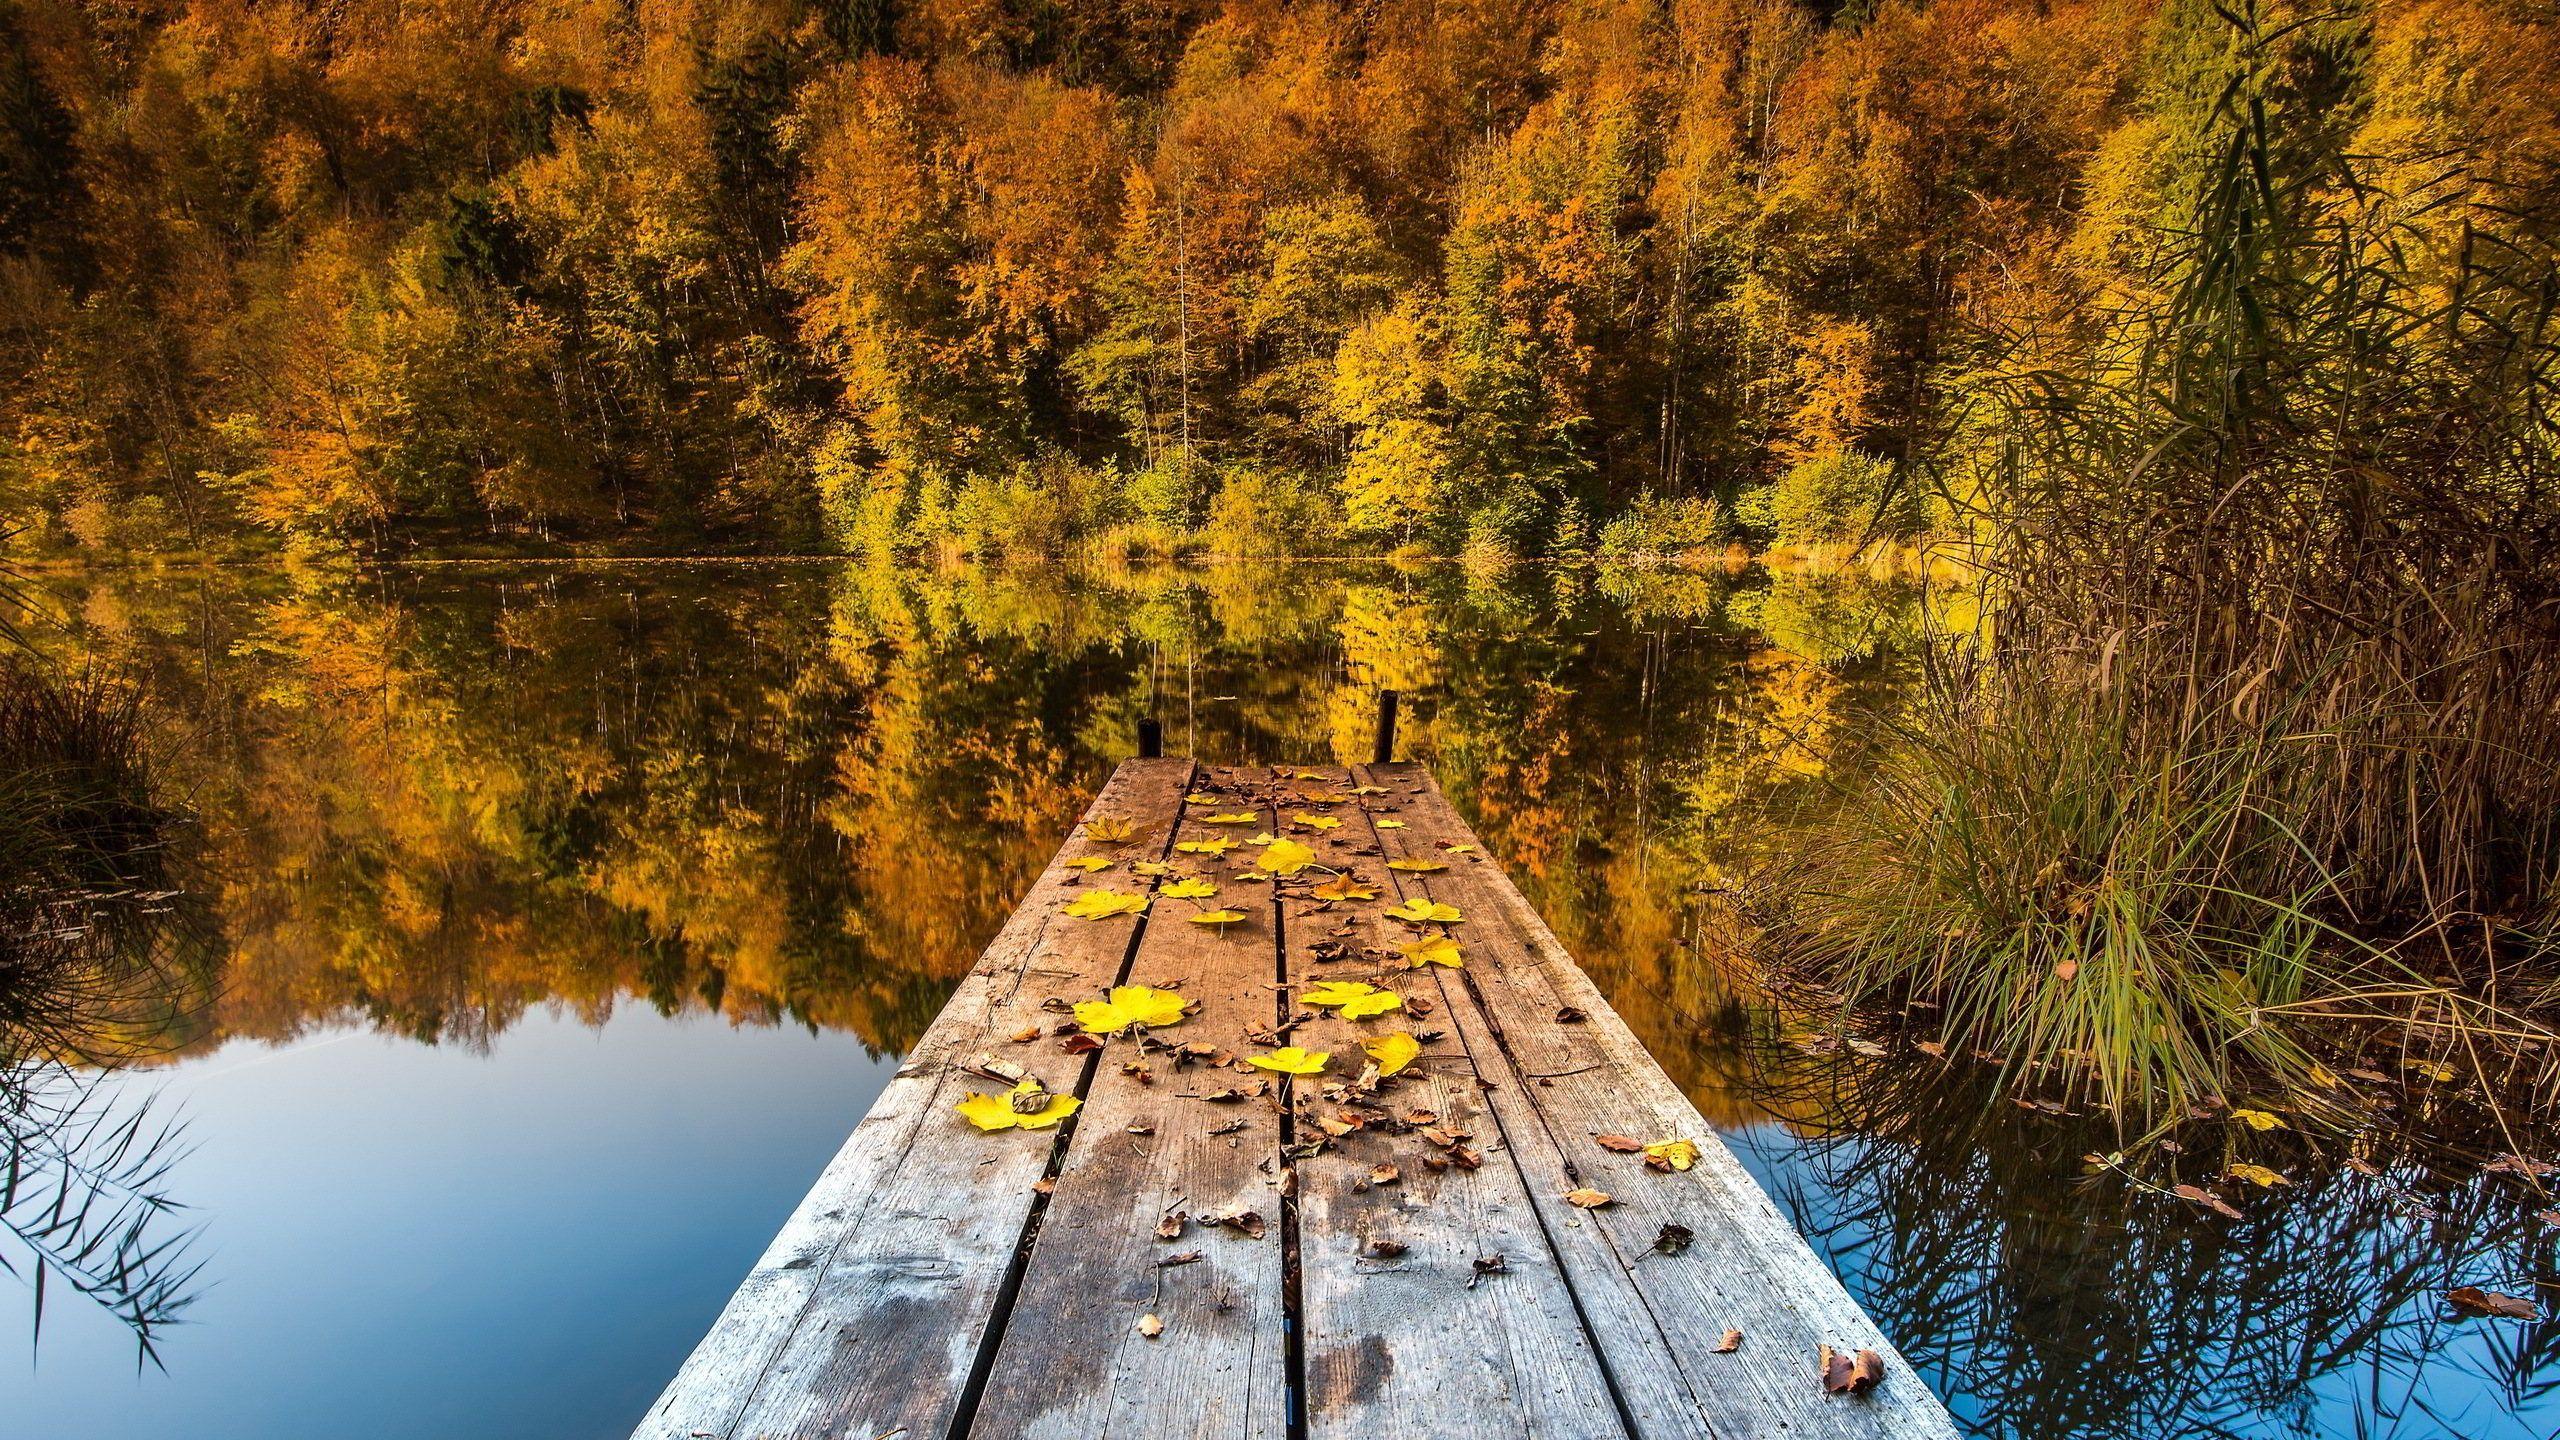 Autumn Lake View Autumn Lake Wallpaper In 2560x1440